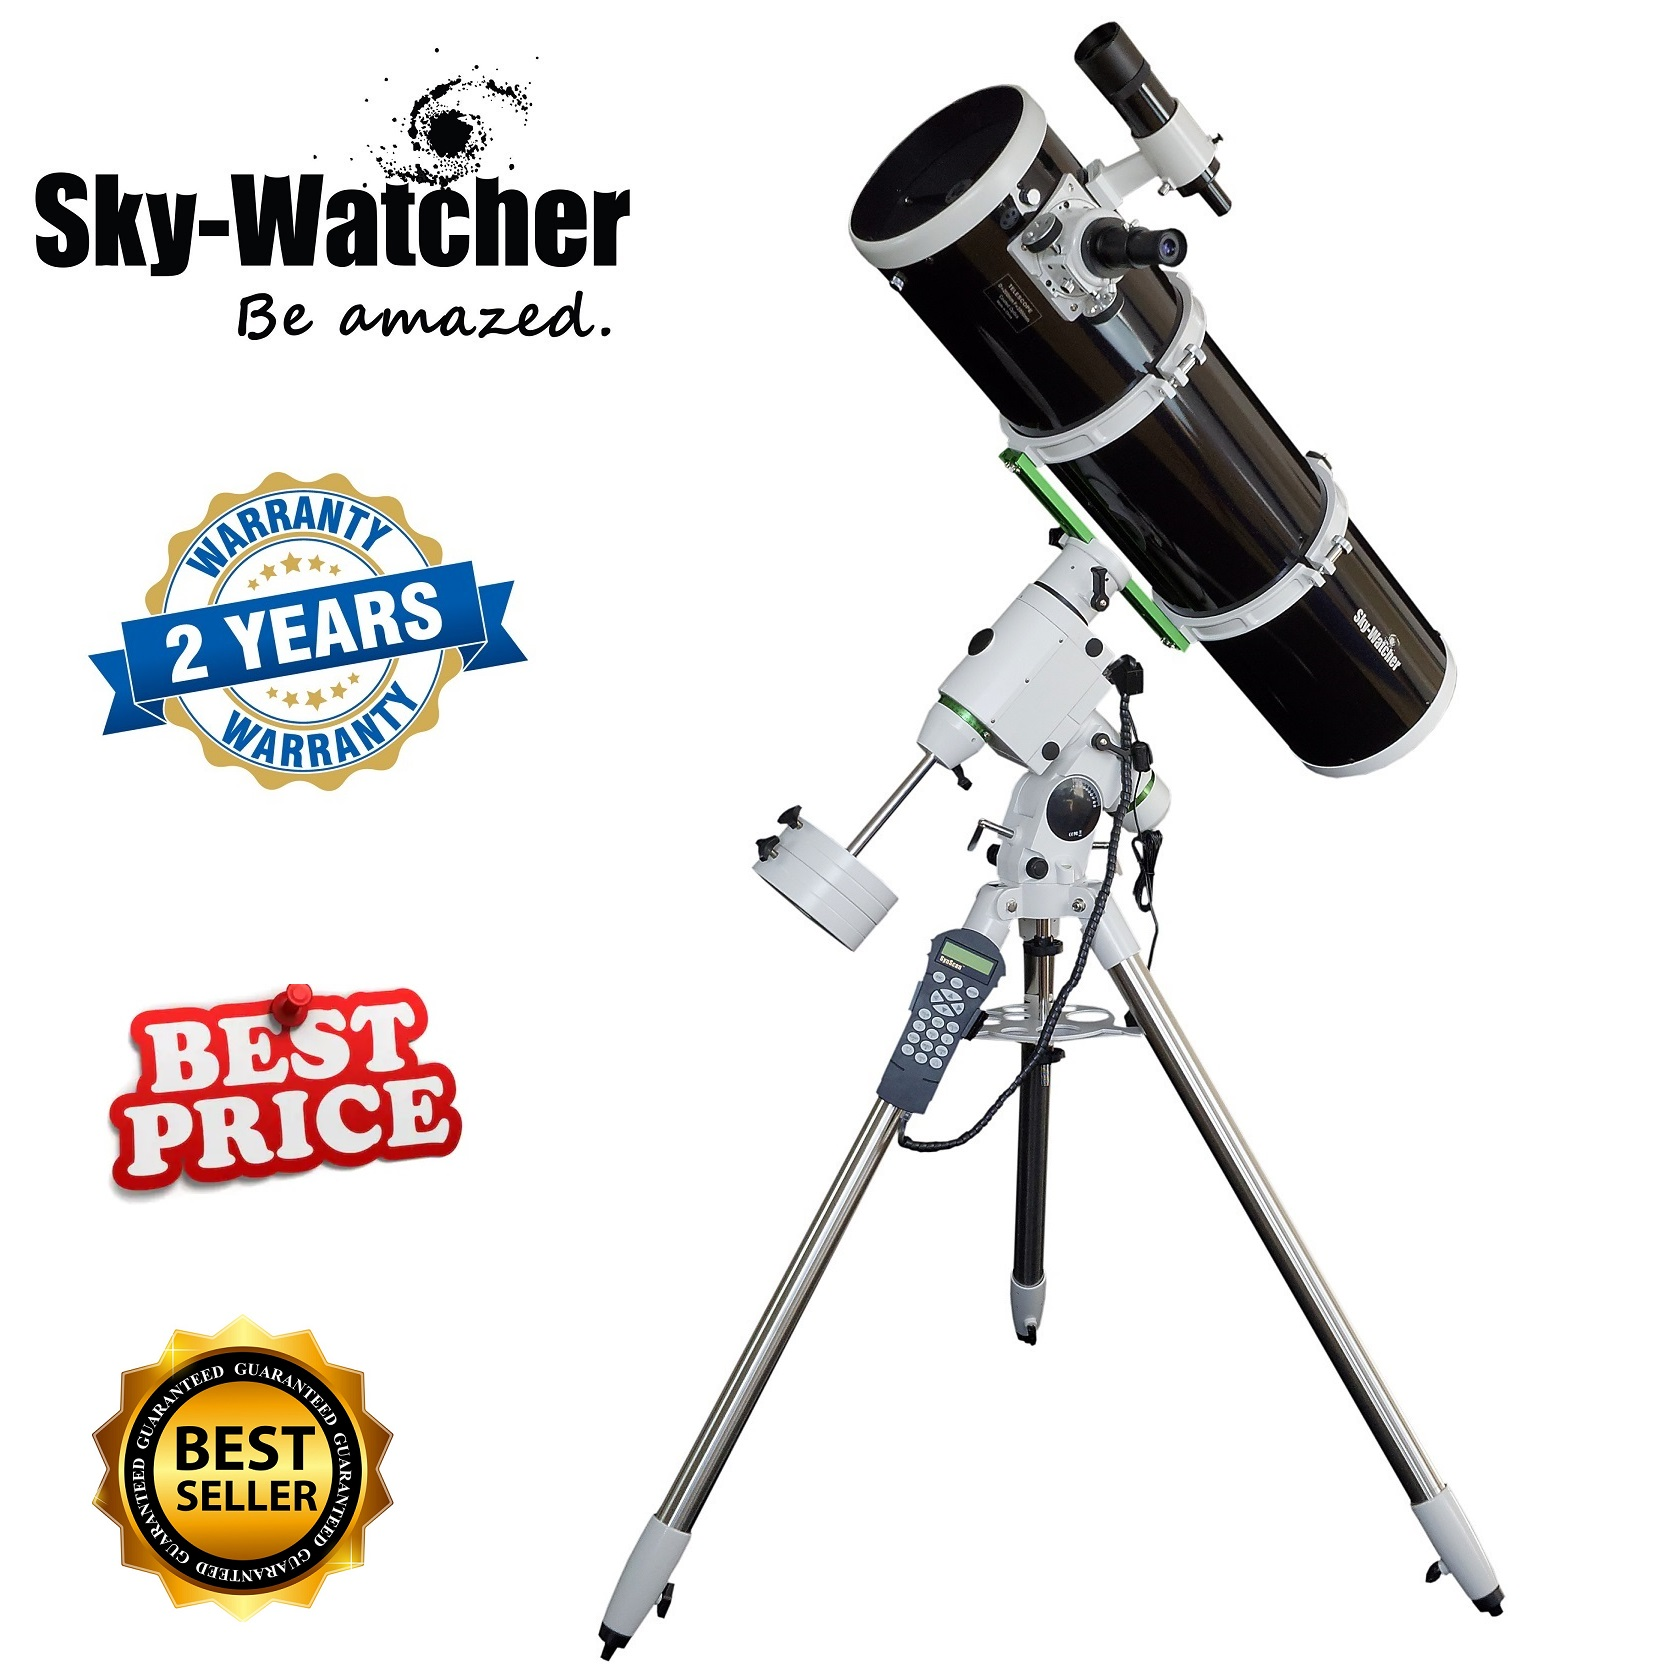 Skywatcher Explorer 200p Heq5 Motorized Reflector